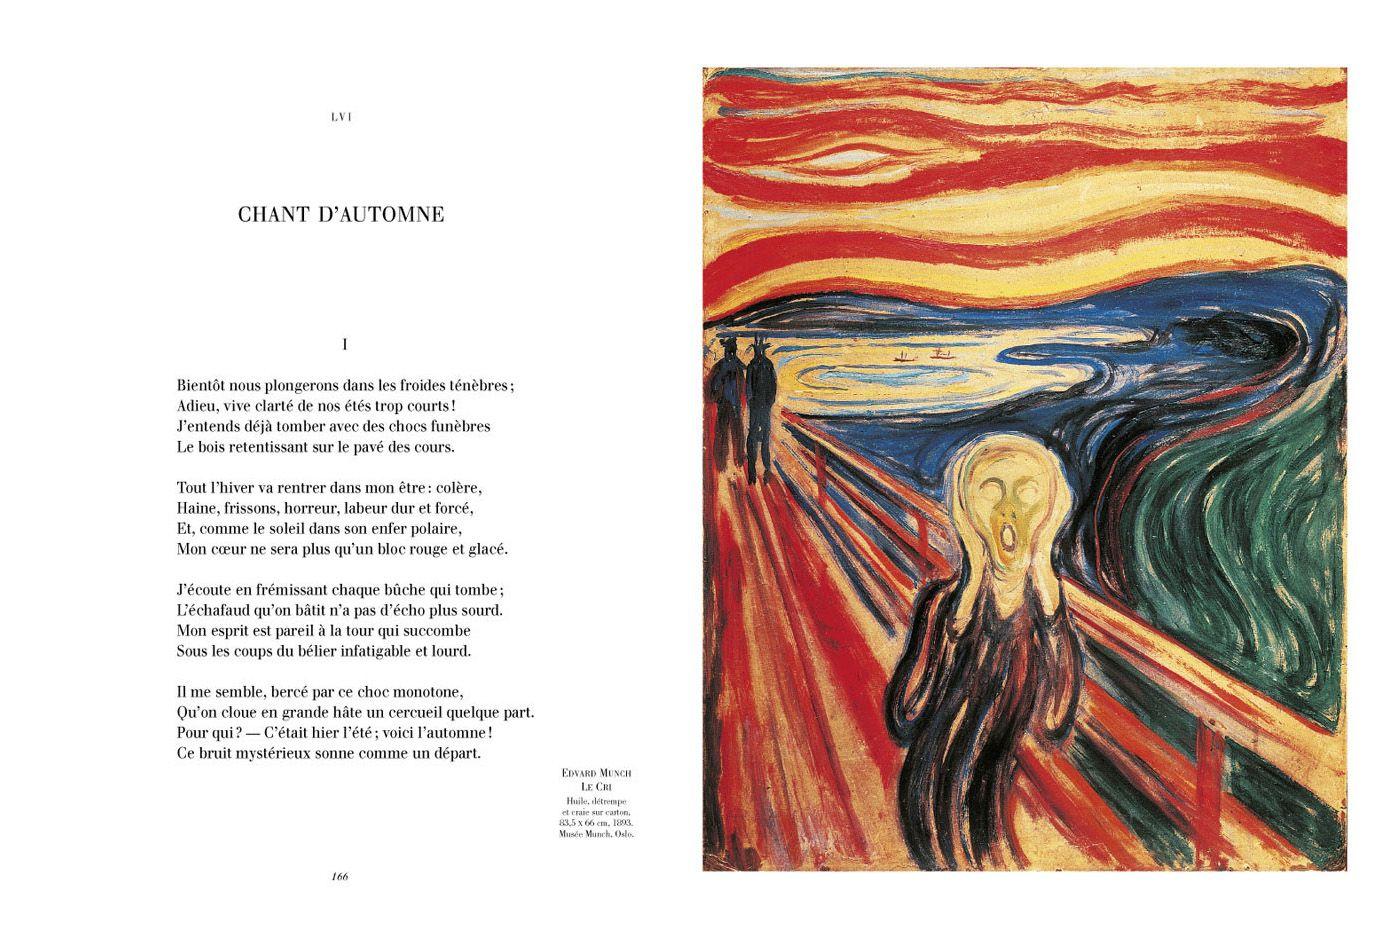 Double Page Extraite Des Fleurs Du Mal De Baudelaire Illustree Par La Peinture Symboliste Et Decadente Editions Diane De Baudelaire Peinture Les Fleurs Du Mal